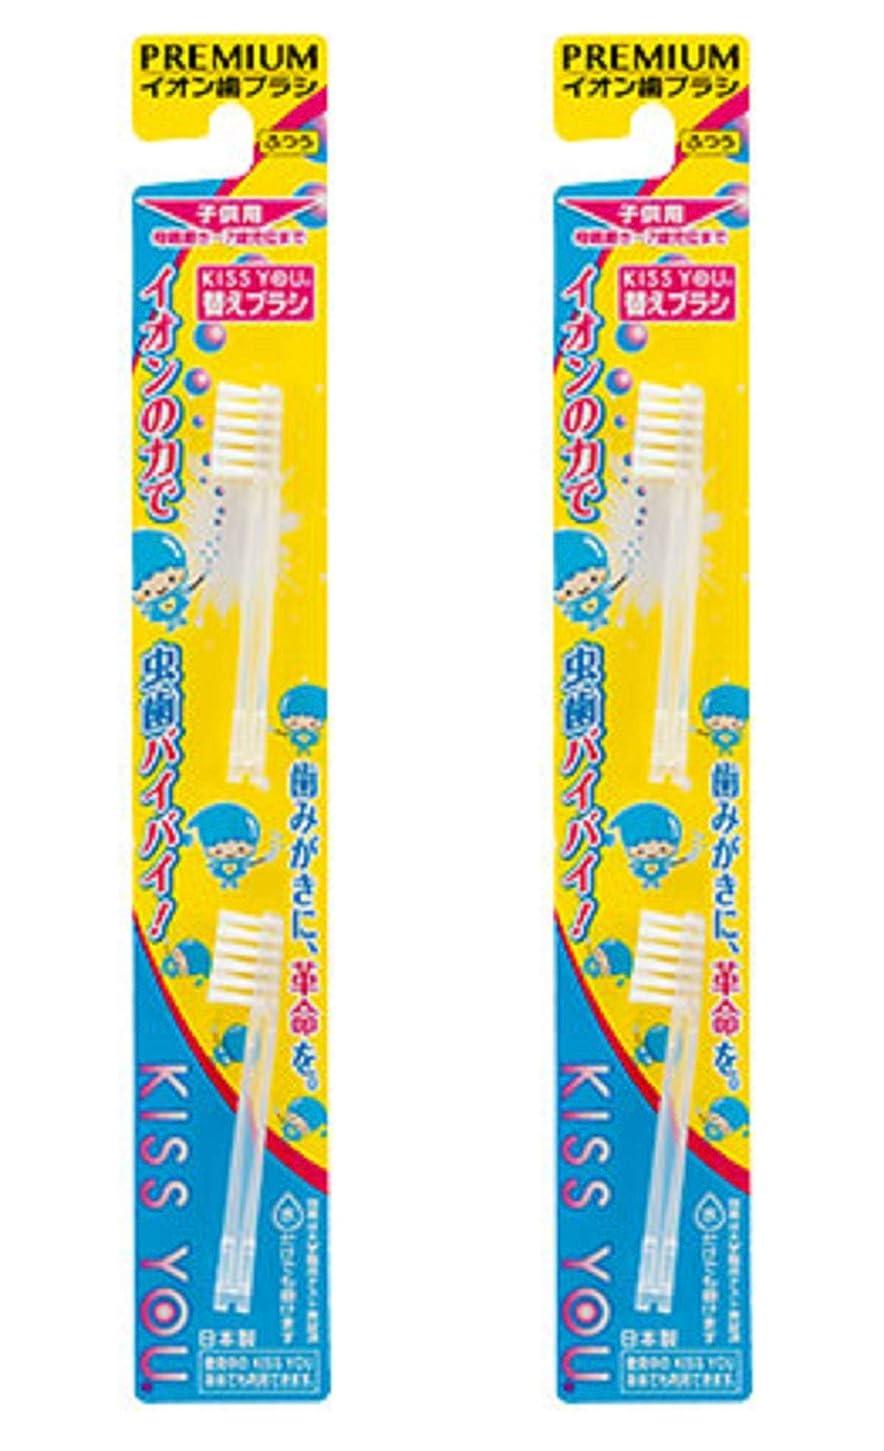 ジャンピングジャック帝国主義リダクターKISS YOU(キスユー) イオン歯ブラシ 子供用替えブラシ ふつう 2本入り × 2セット